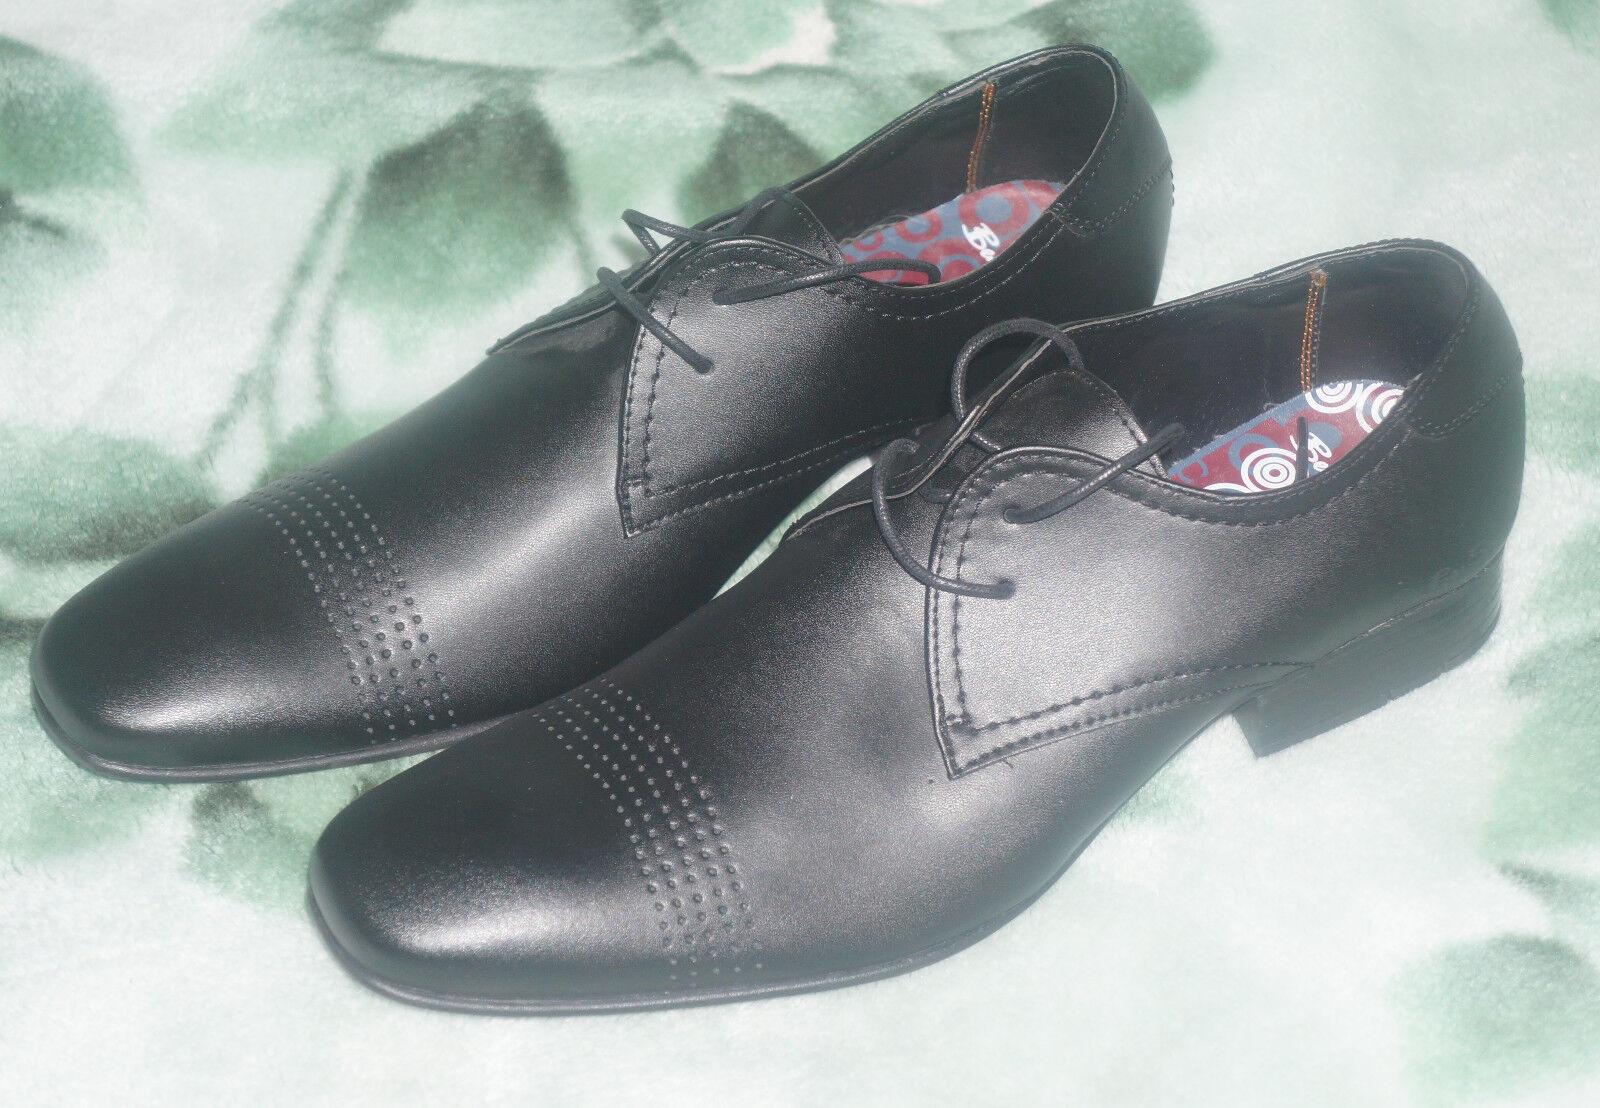 Brand New Ben Sherman Men's Black shoes Size 11 EU 45